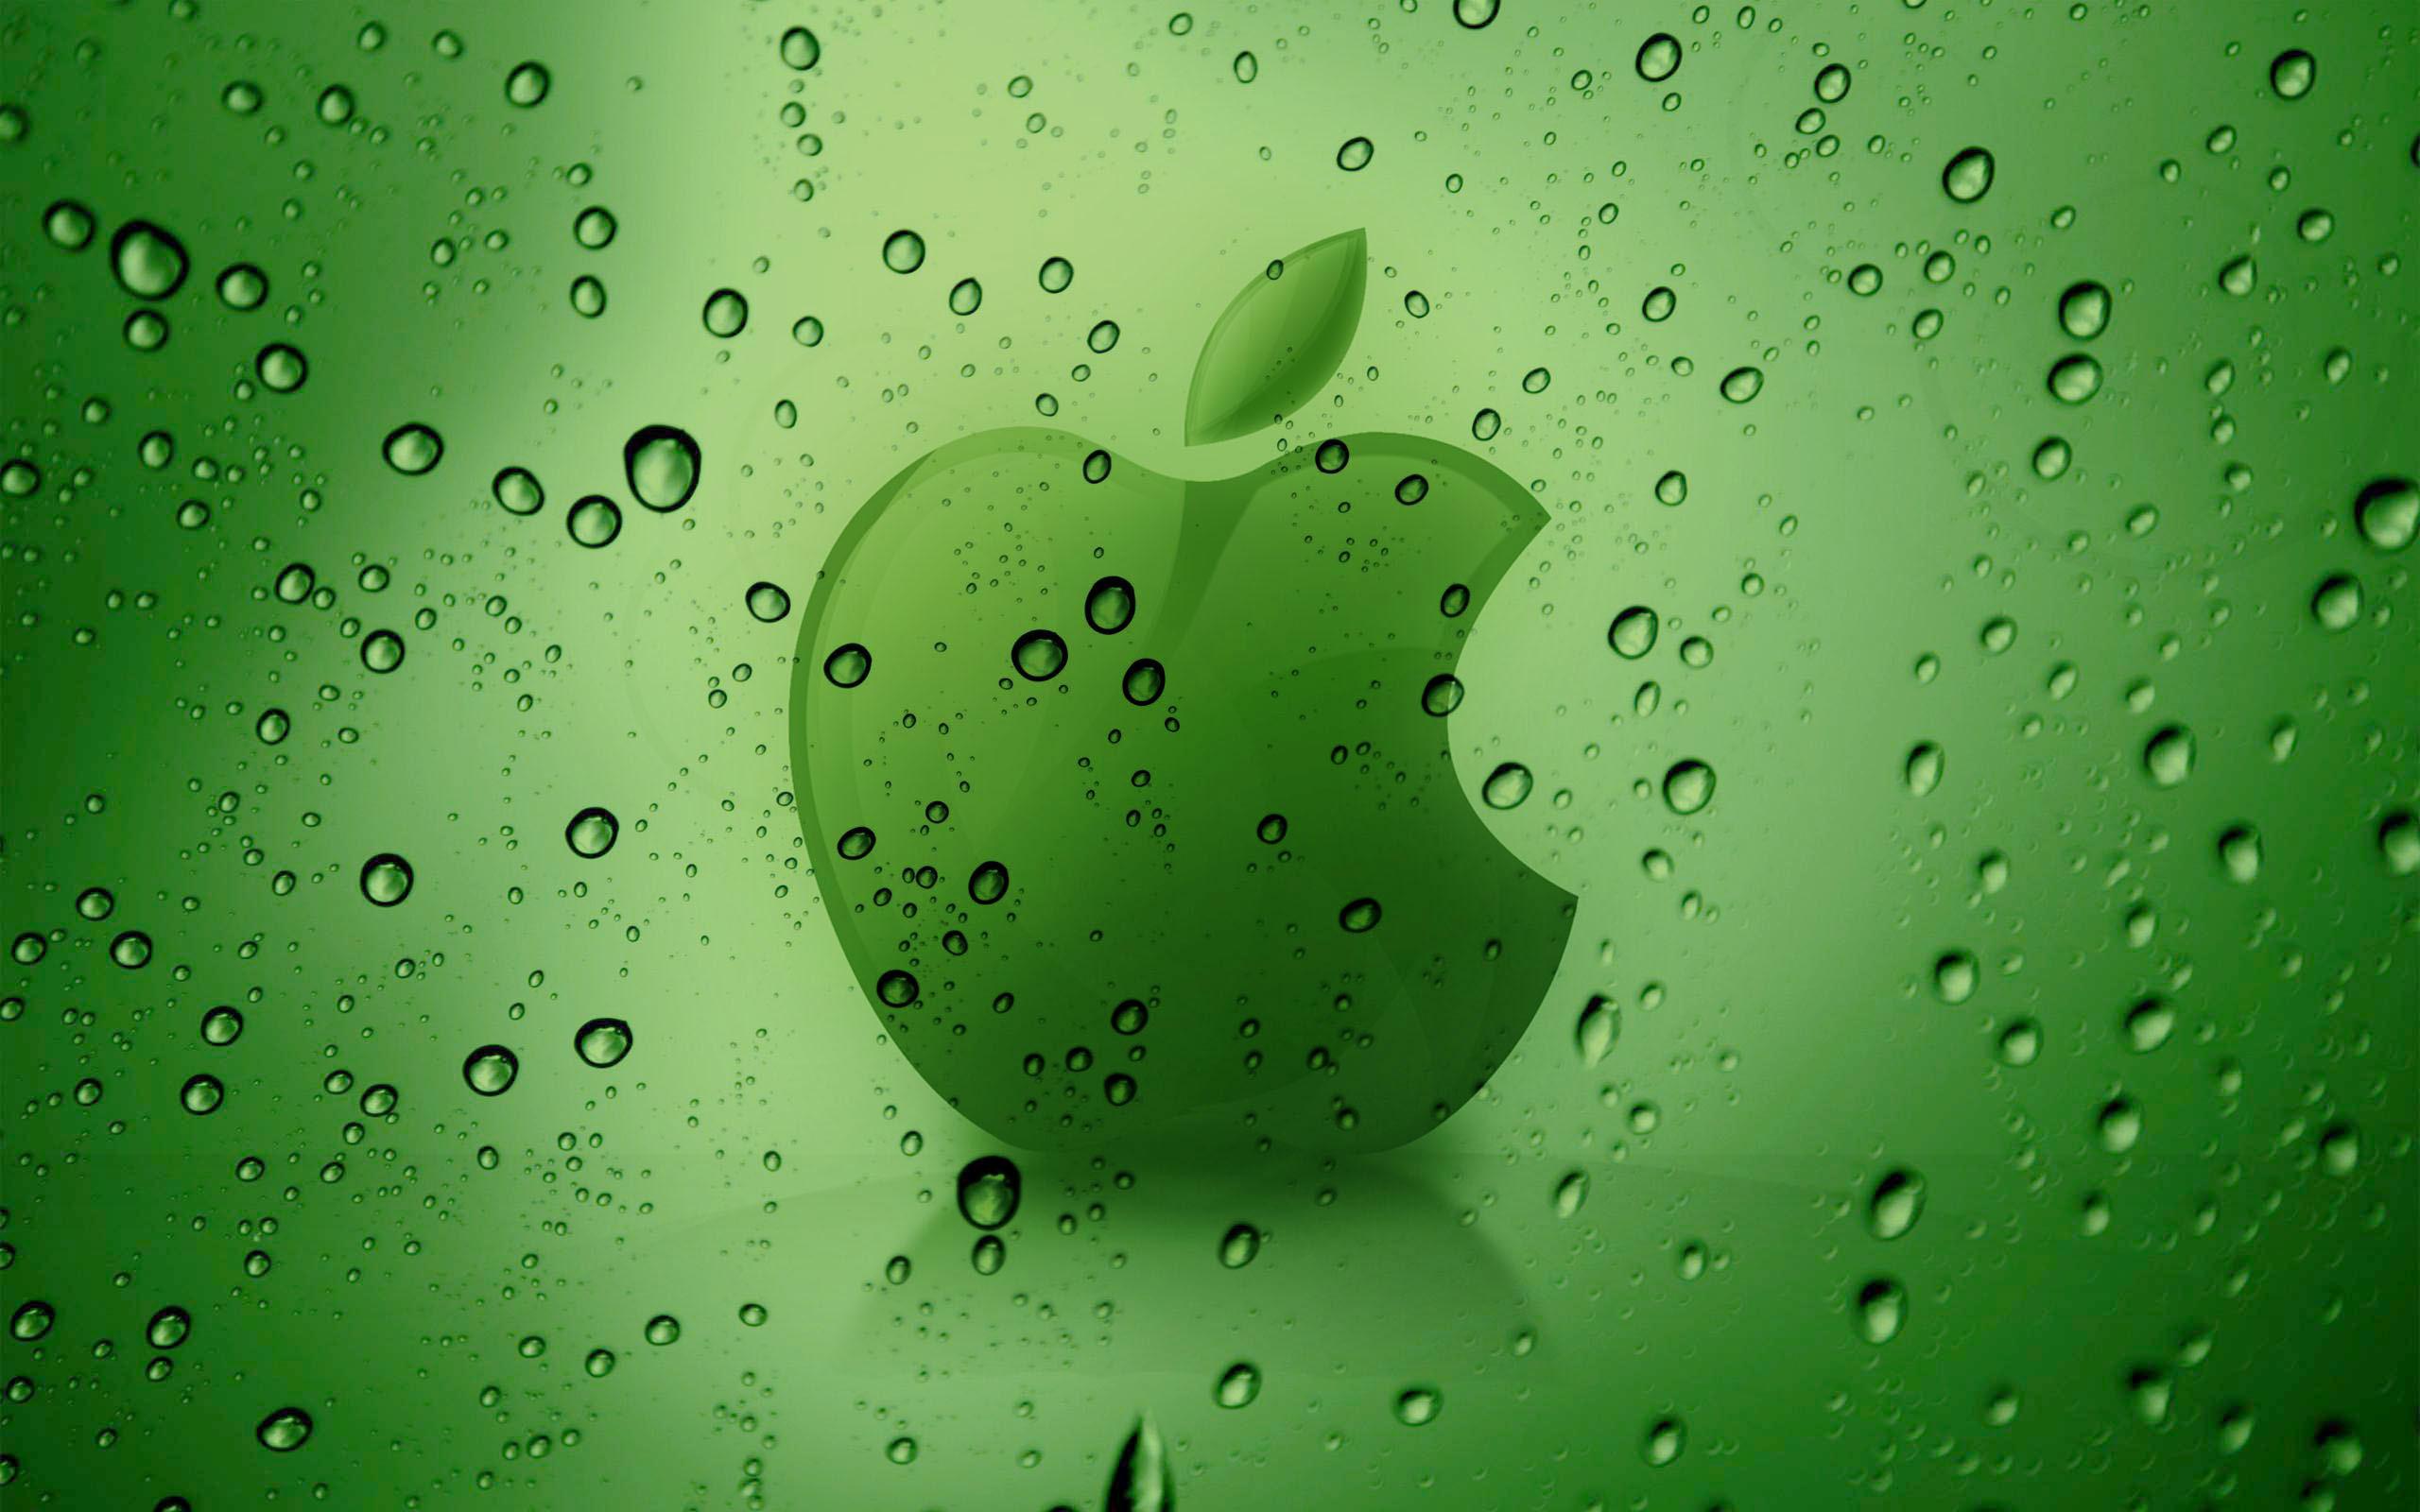 apple desktop wallpaper free download - wallpapersafari